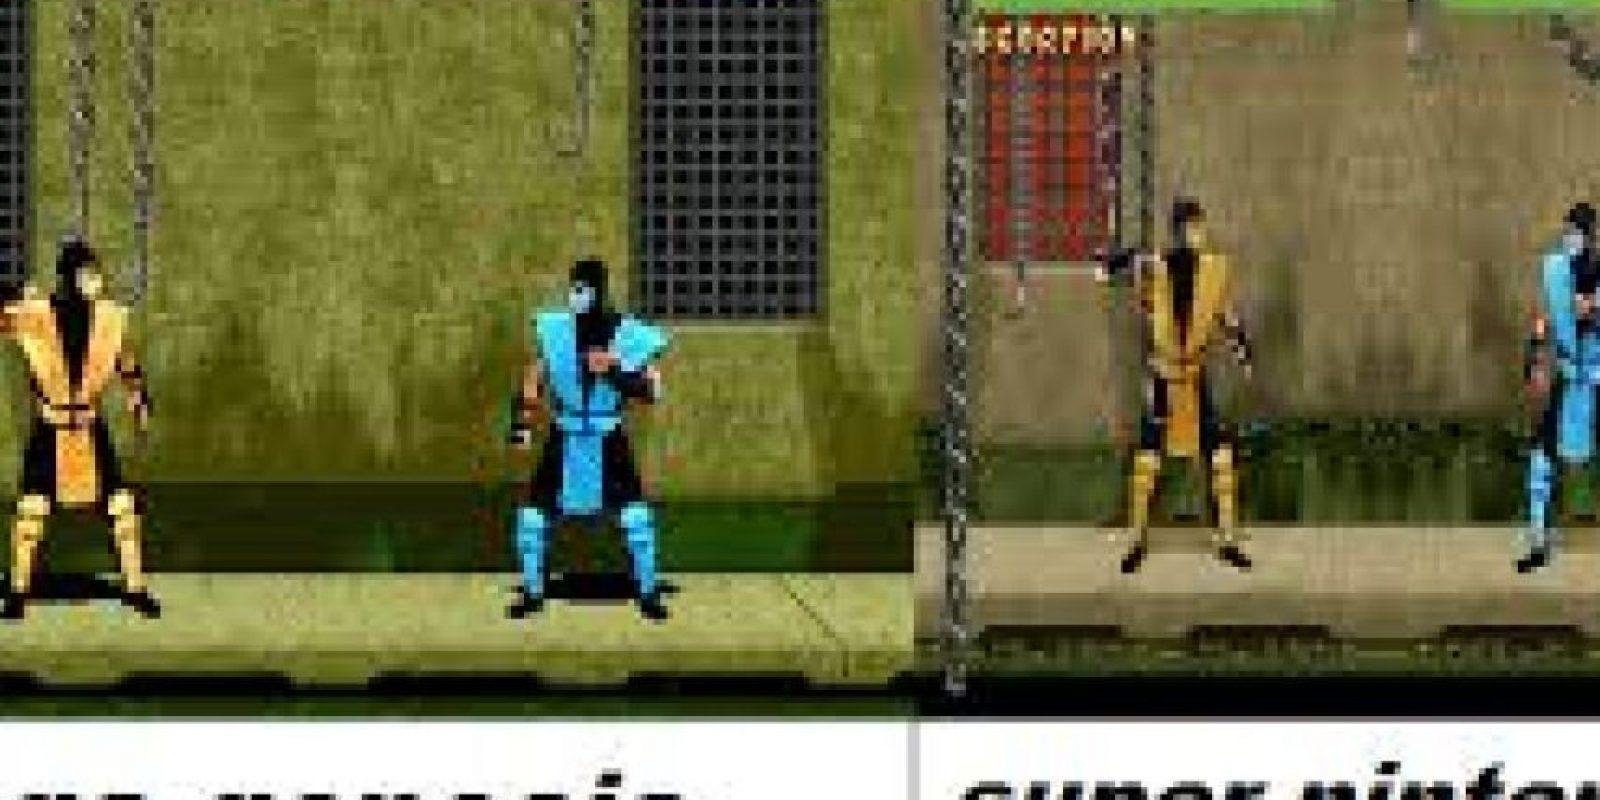 MK –como suele abreviarse– es una franquicia de videojuegos de peleas, creada por Ed Boon y John Tobias en 1992. Una de sus características primordiales es la violencia explícita. Foto:fc09.deviantart.net